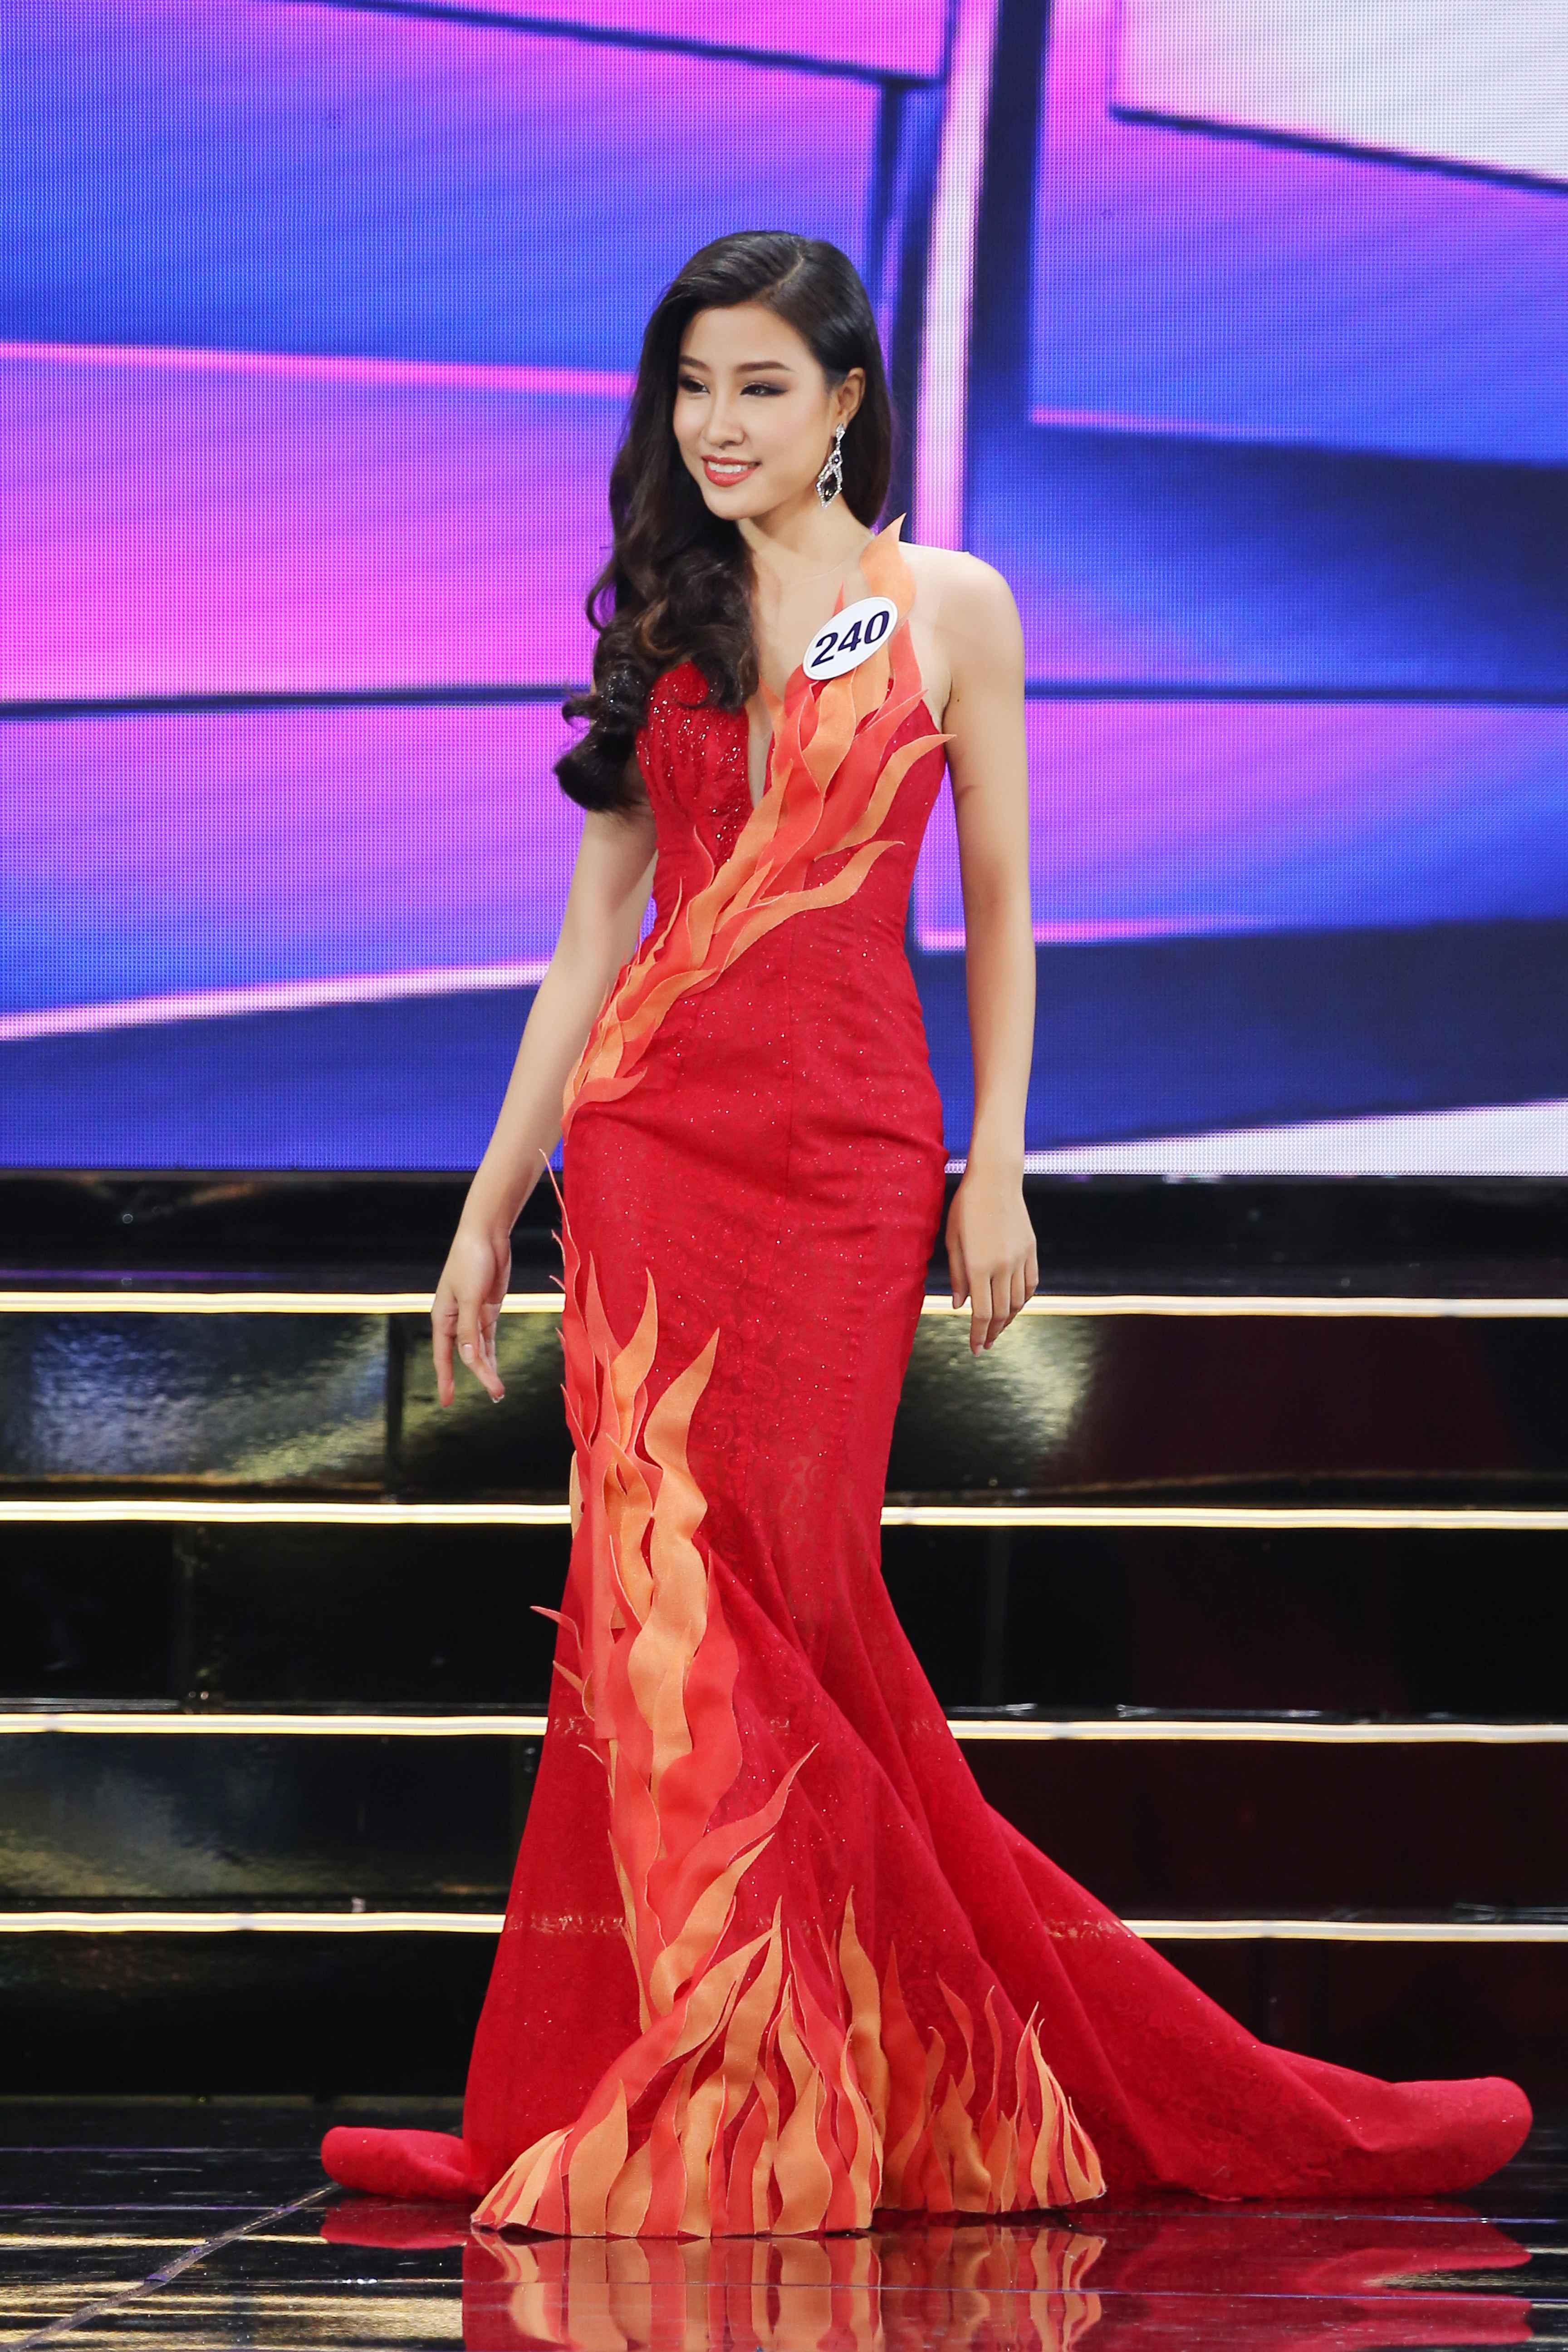 nguyen-phuong-hoa-240